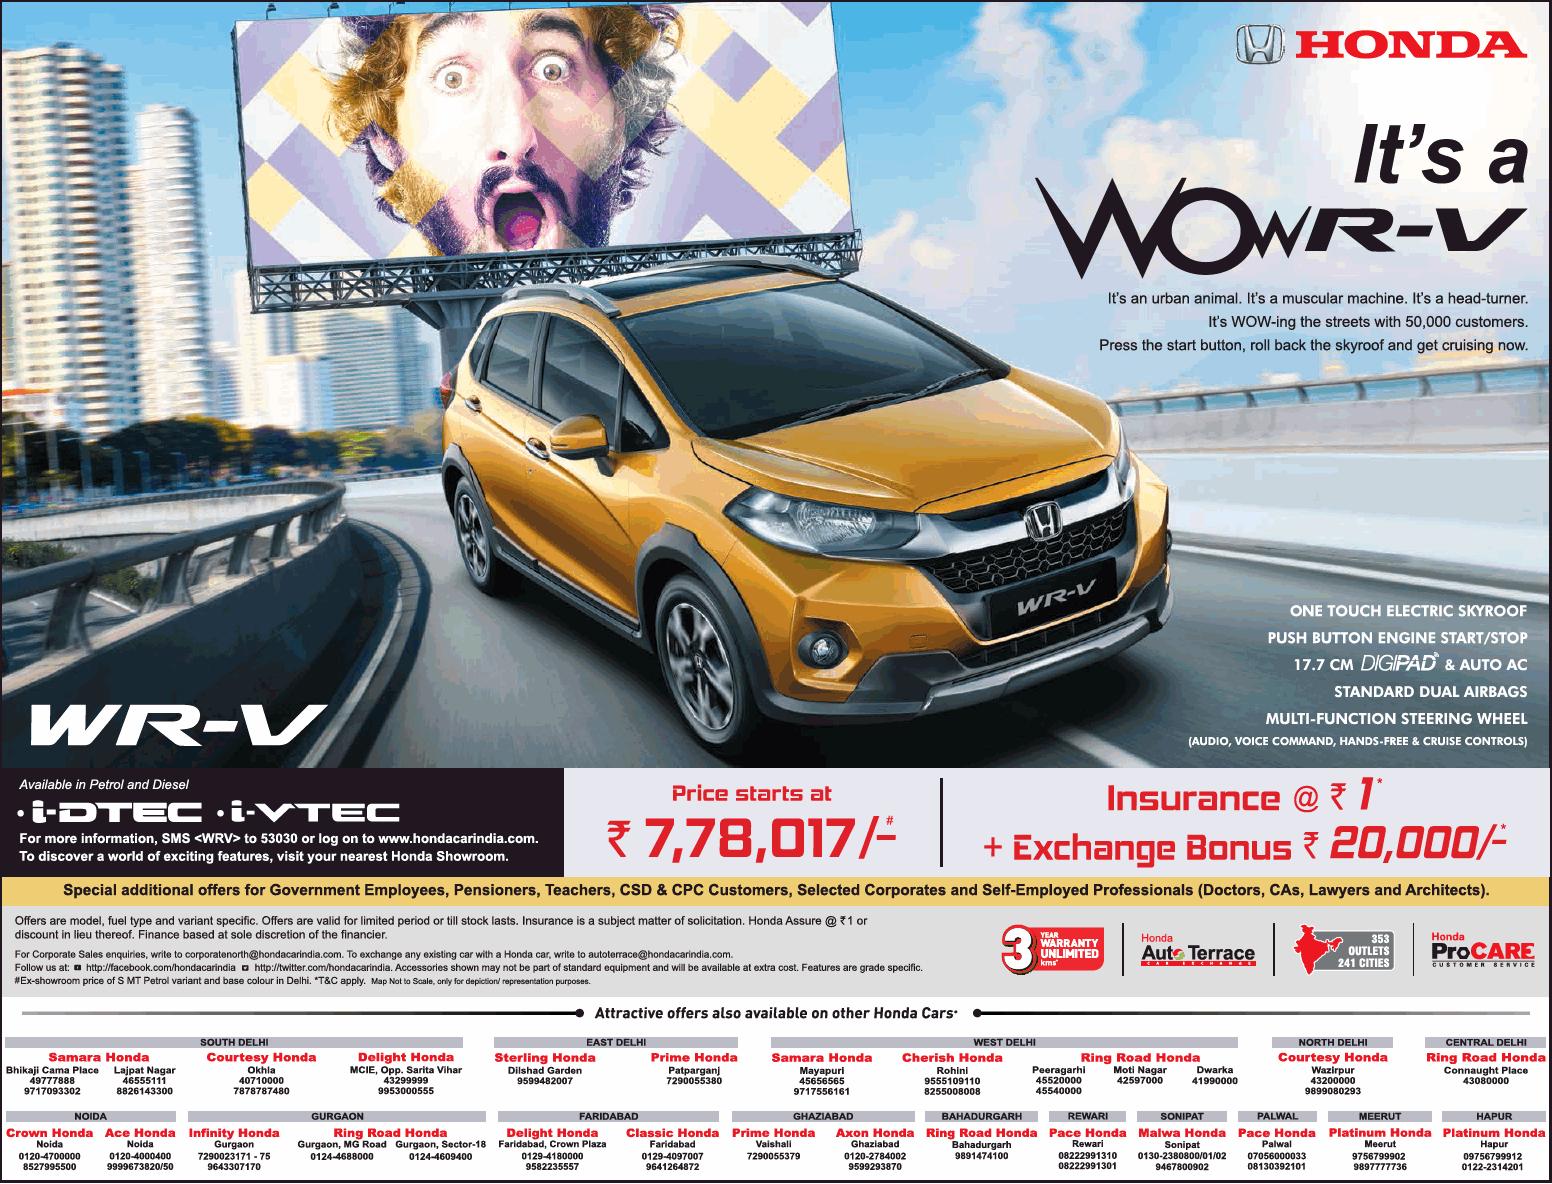 Honda Its A Wowr V Price Starts At Rupees 778017 Ad